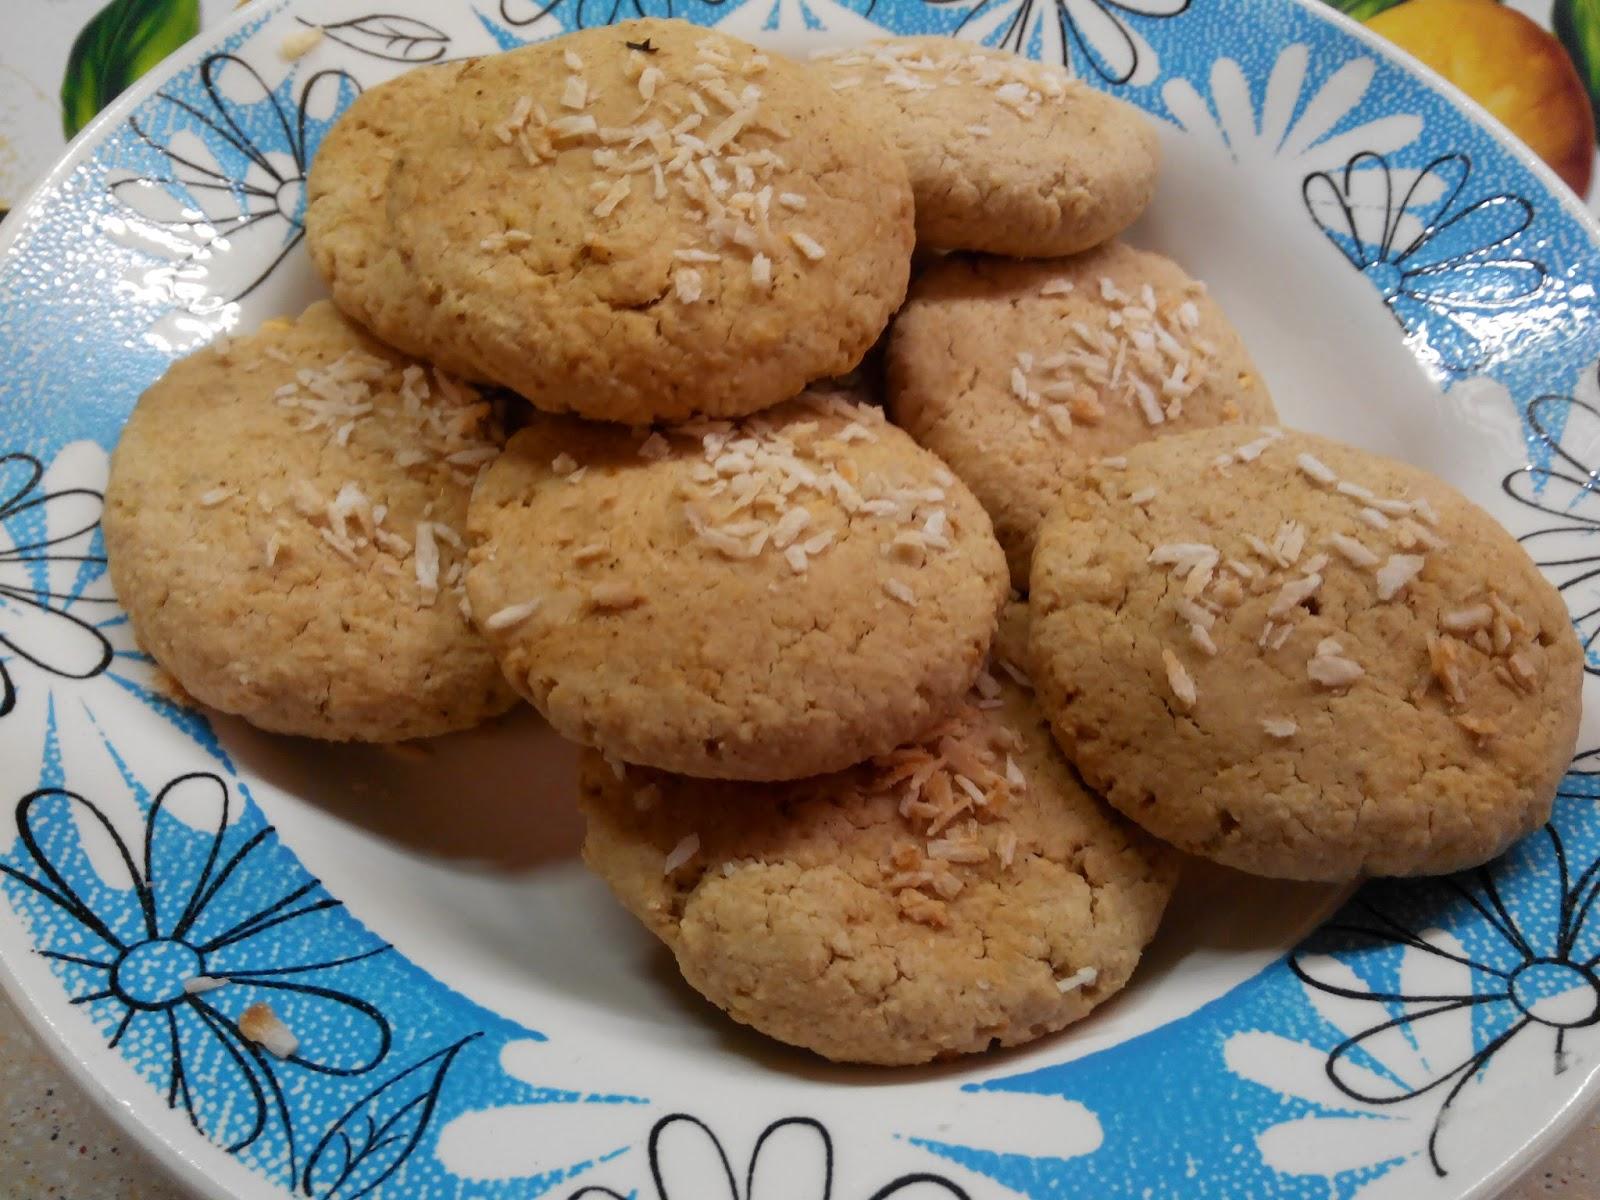 Рецепт овсяных печений в домашних условиях пошагово 70